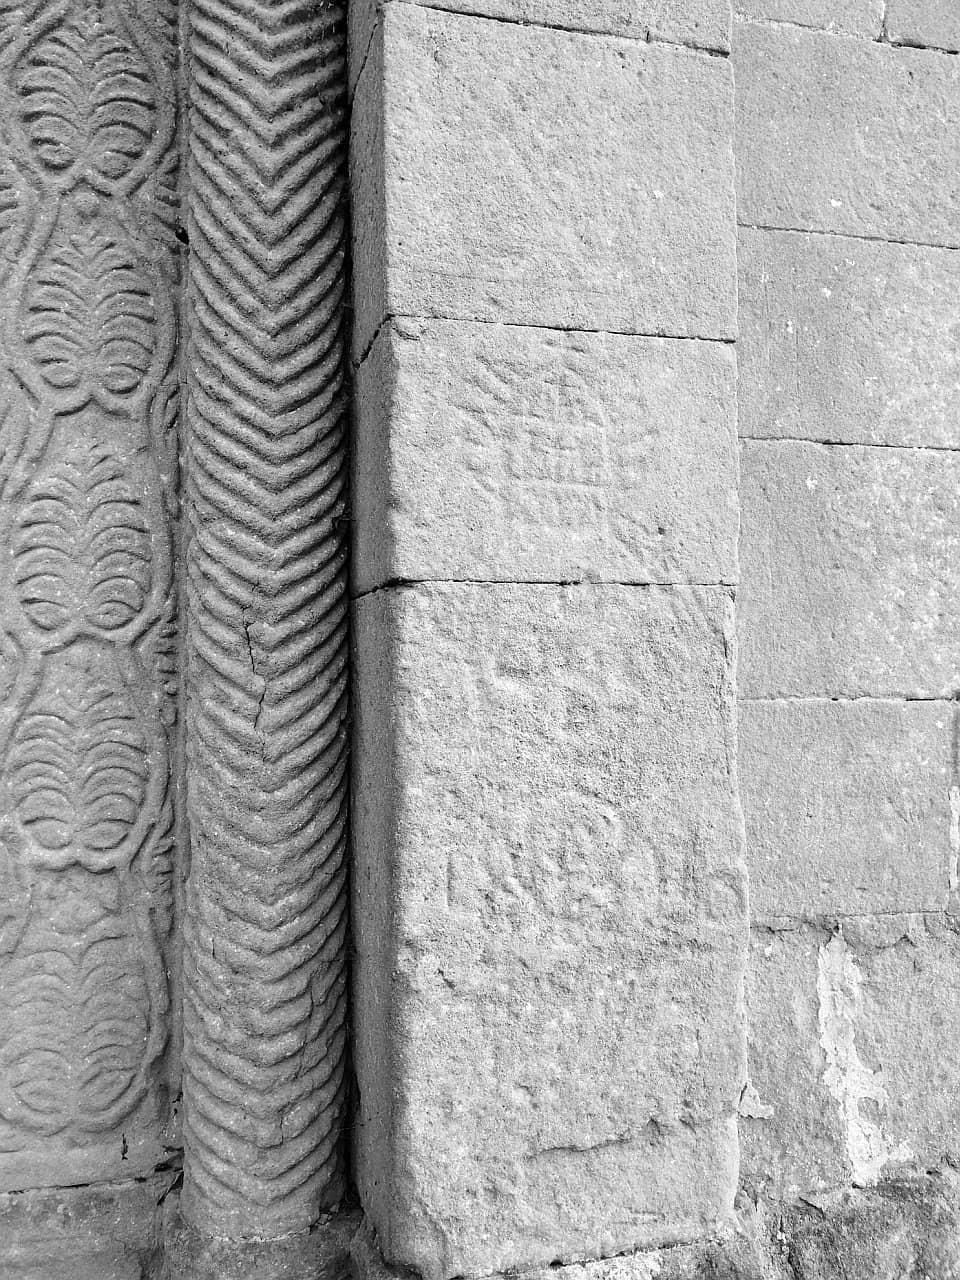 Pieve di Corsignano, Incisione mistica